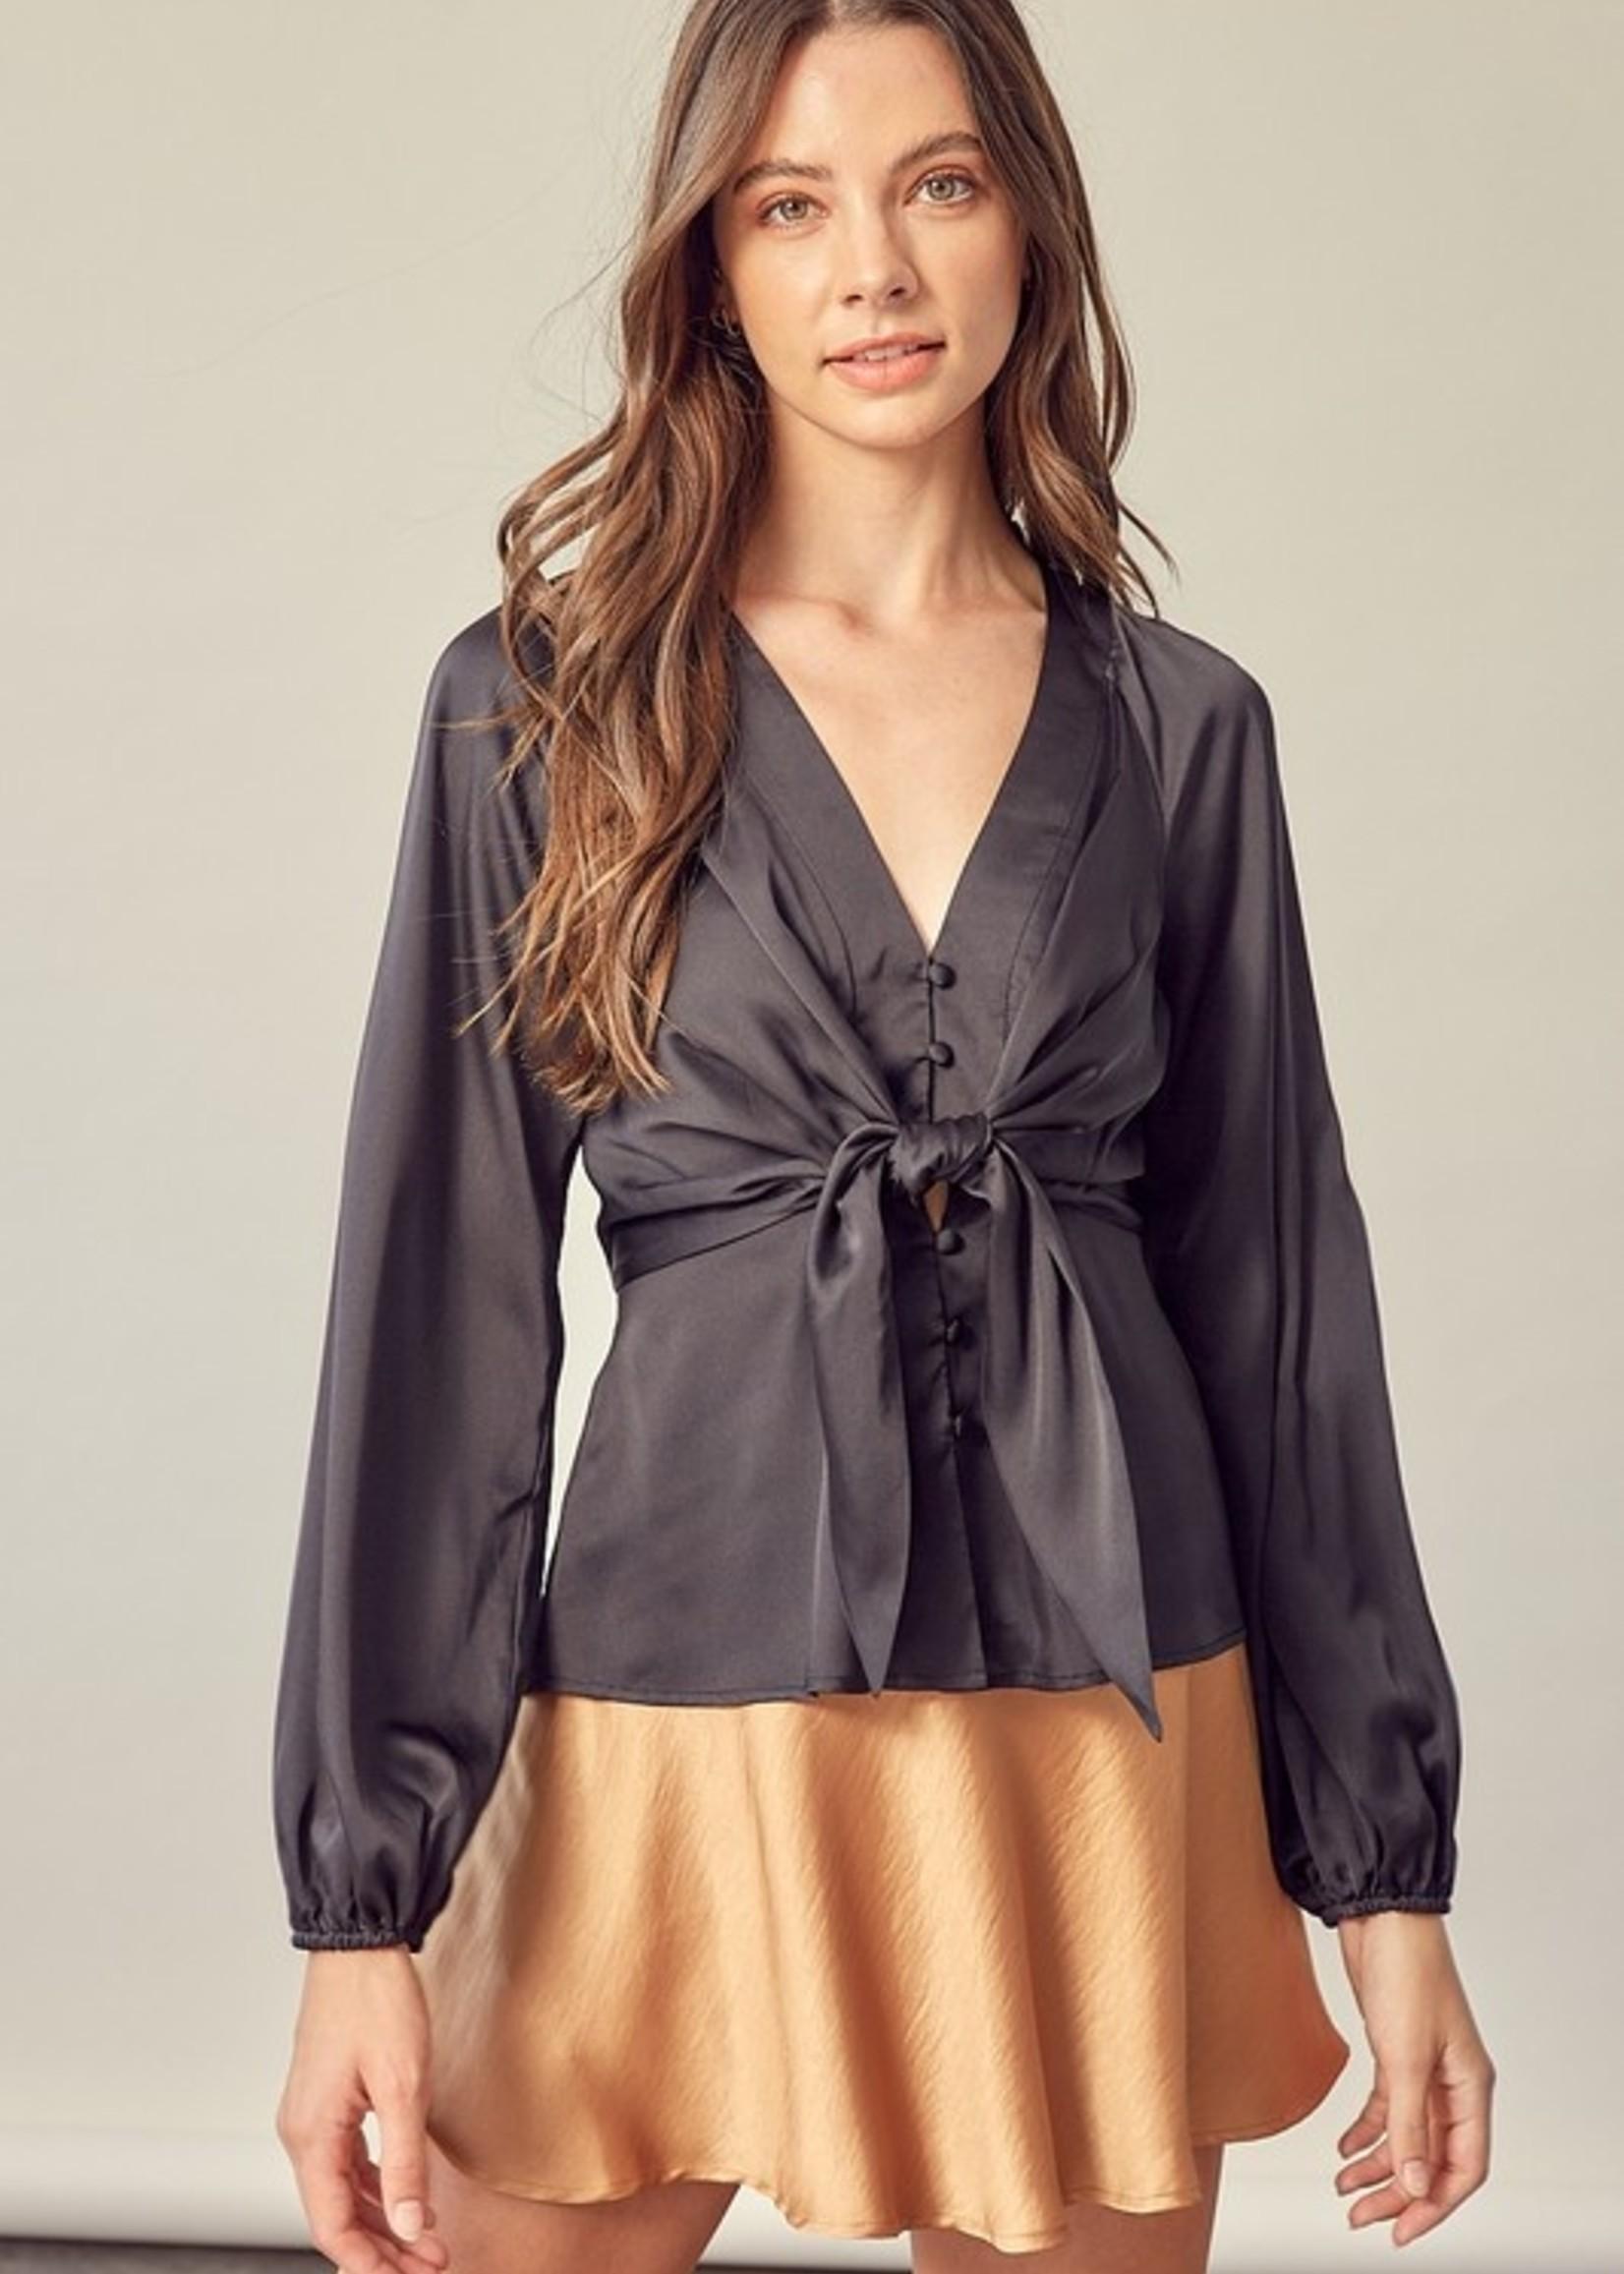 Tie front blouse